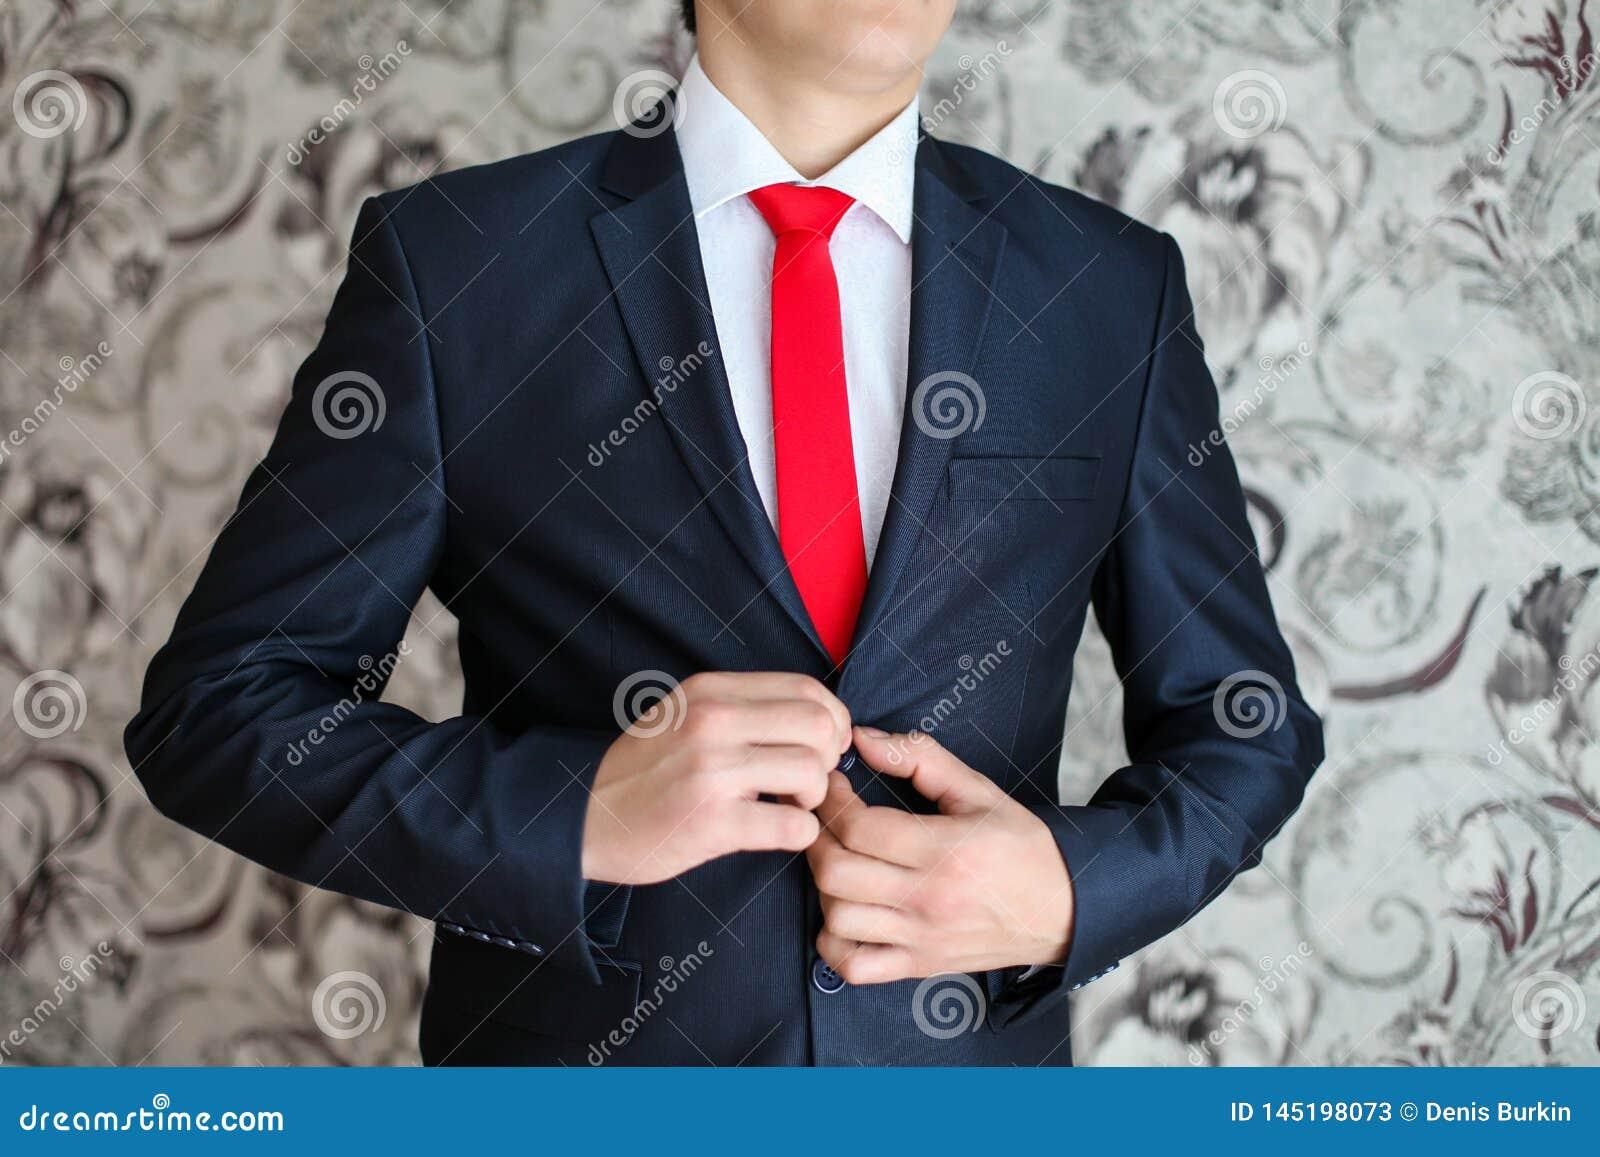 Zakenman in zwart kostuum en een rode band Slimme toevallige uitrusting Mens die klaar voor het werk wordt de bruidegom in een ja